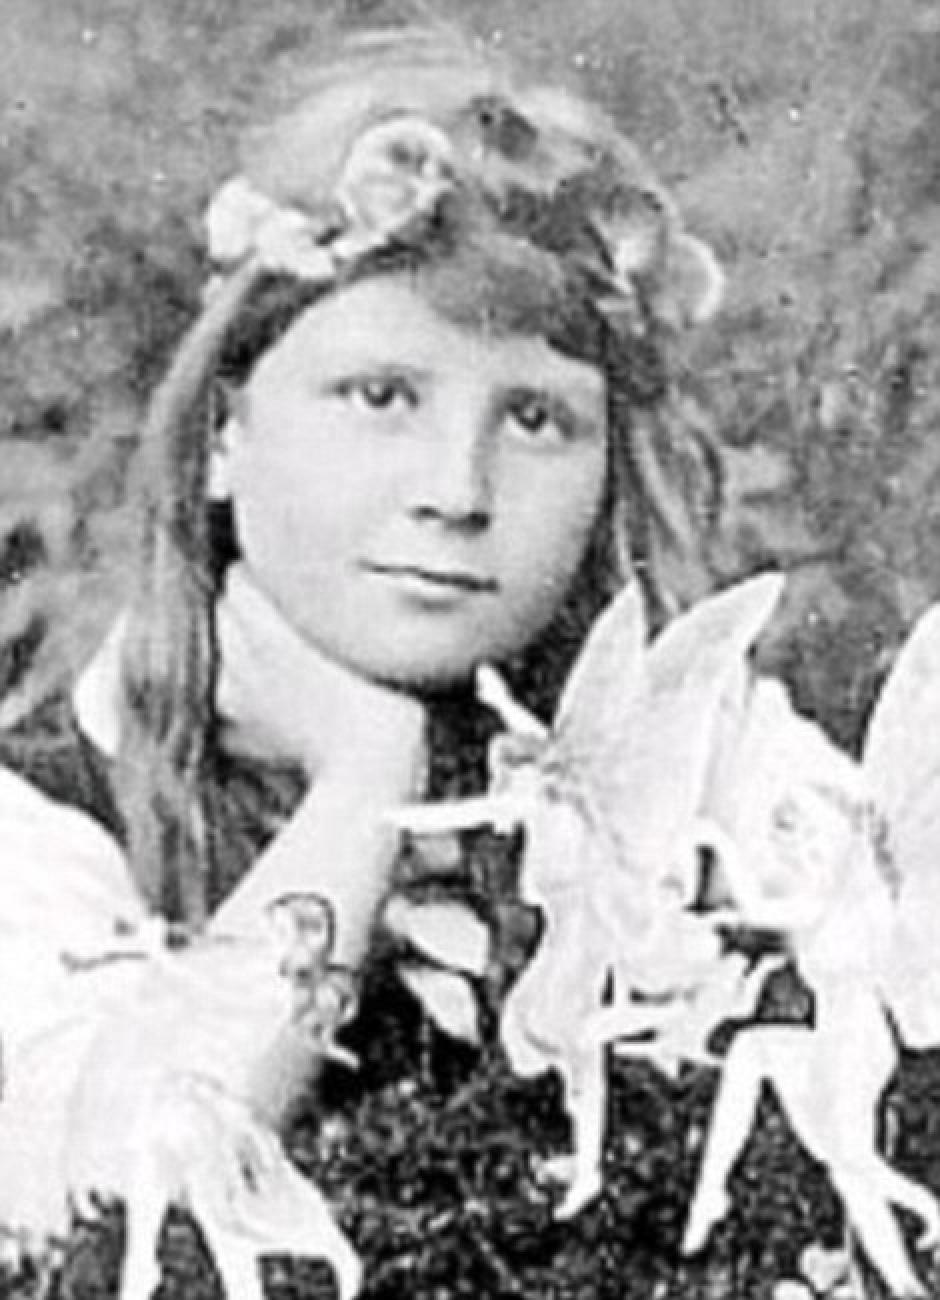 En 1917 unas primas en Inglaterra engañaron a todos con supuestas hadas. (Foto: dailymail.co.uk)